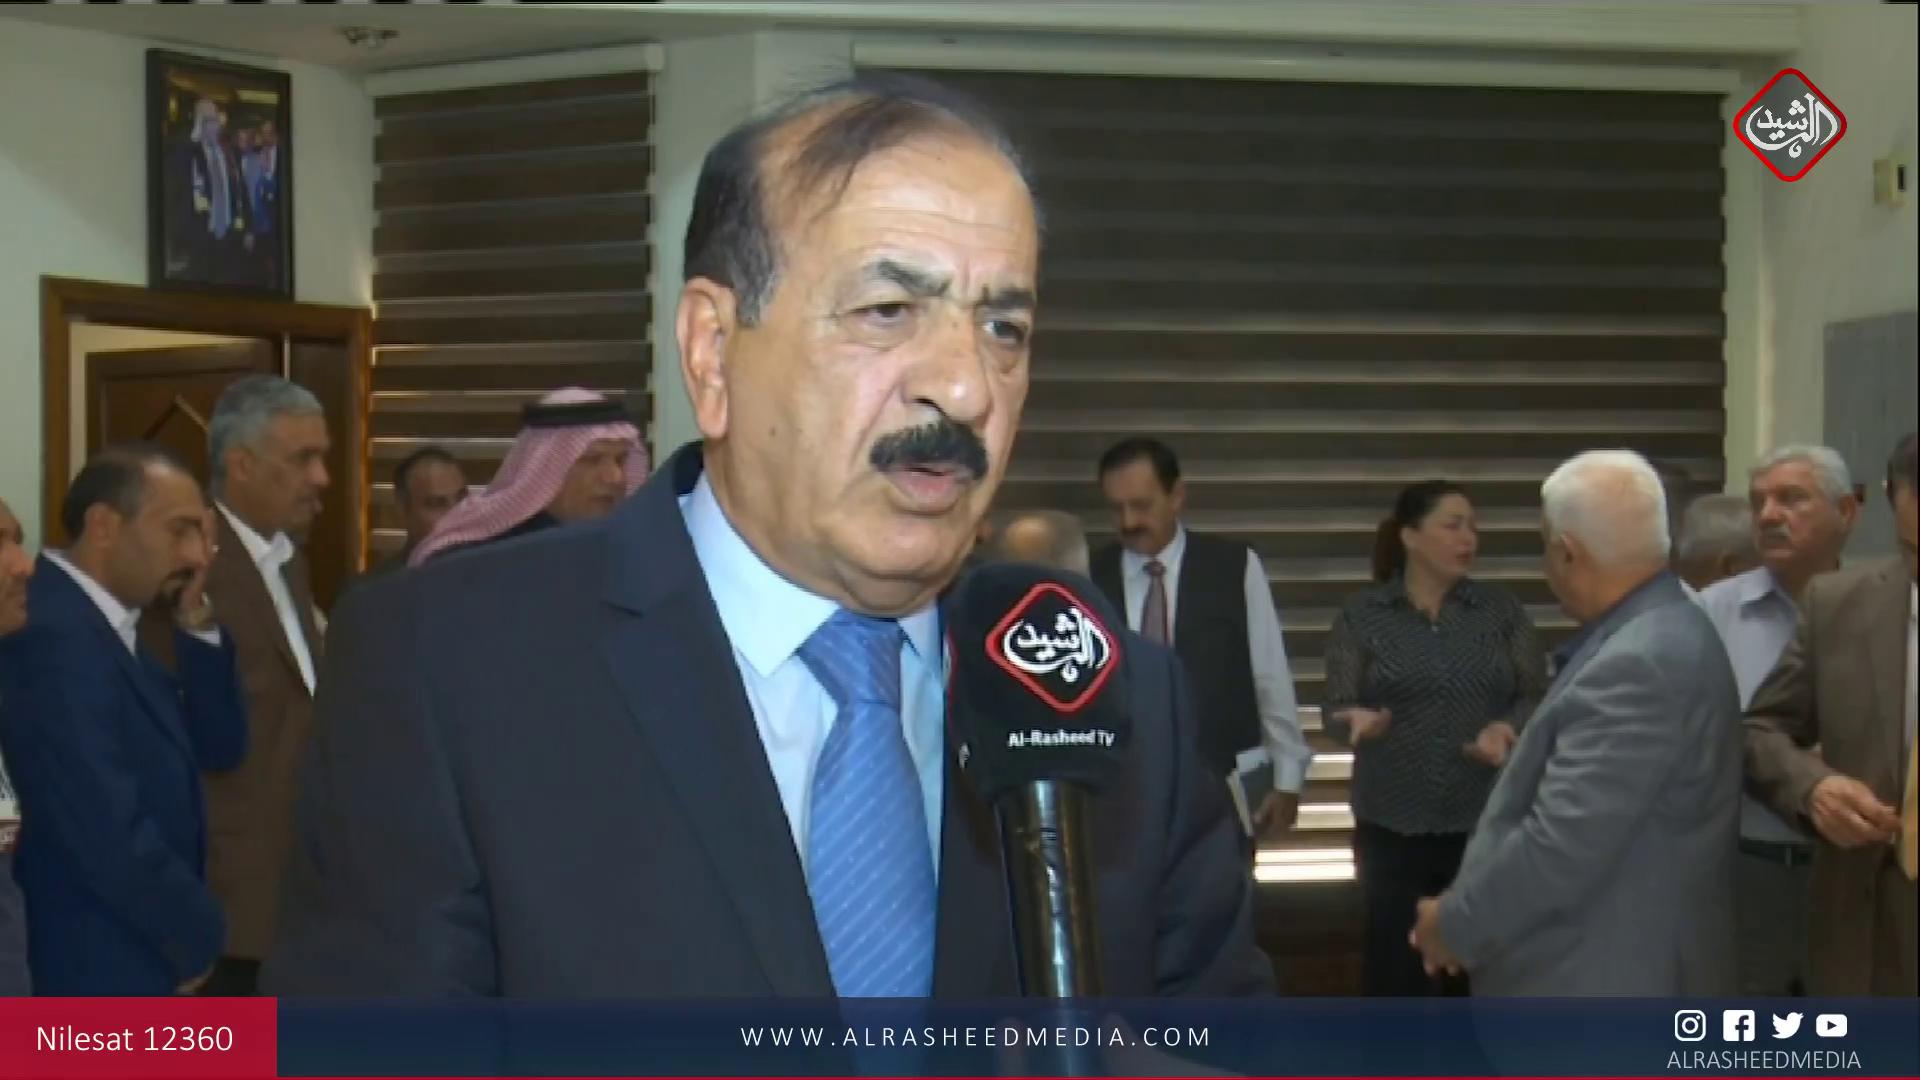 التجمع الجمهوري العراقي يطالب بفتح تحقيق بشأن الجثث المجهولة الهوية